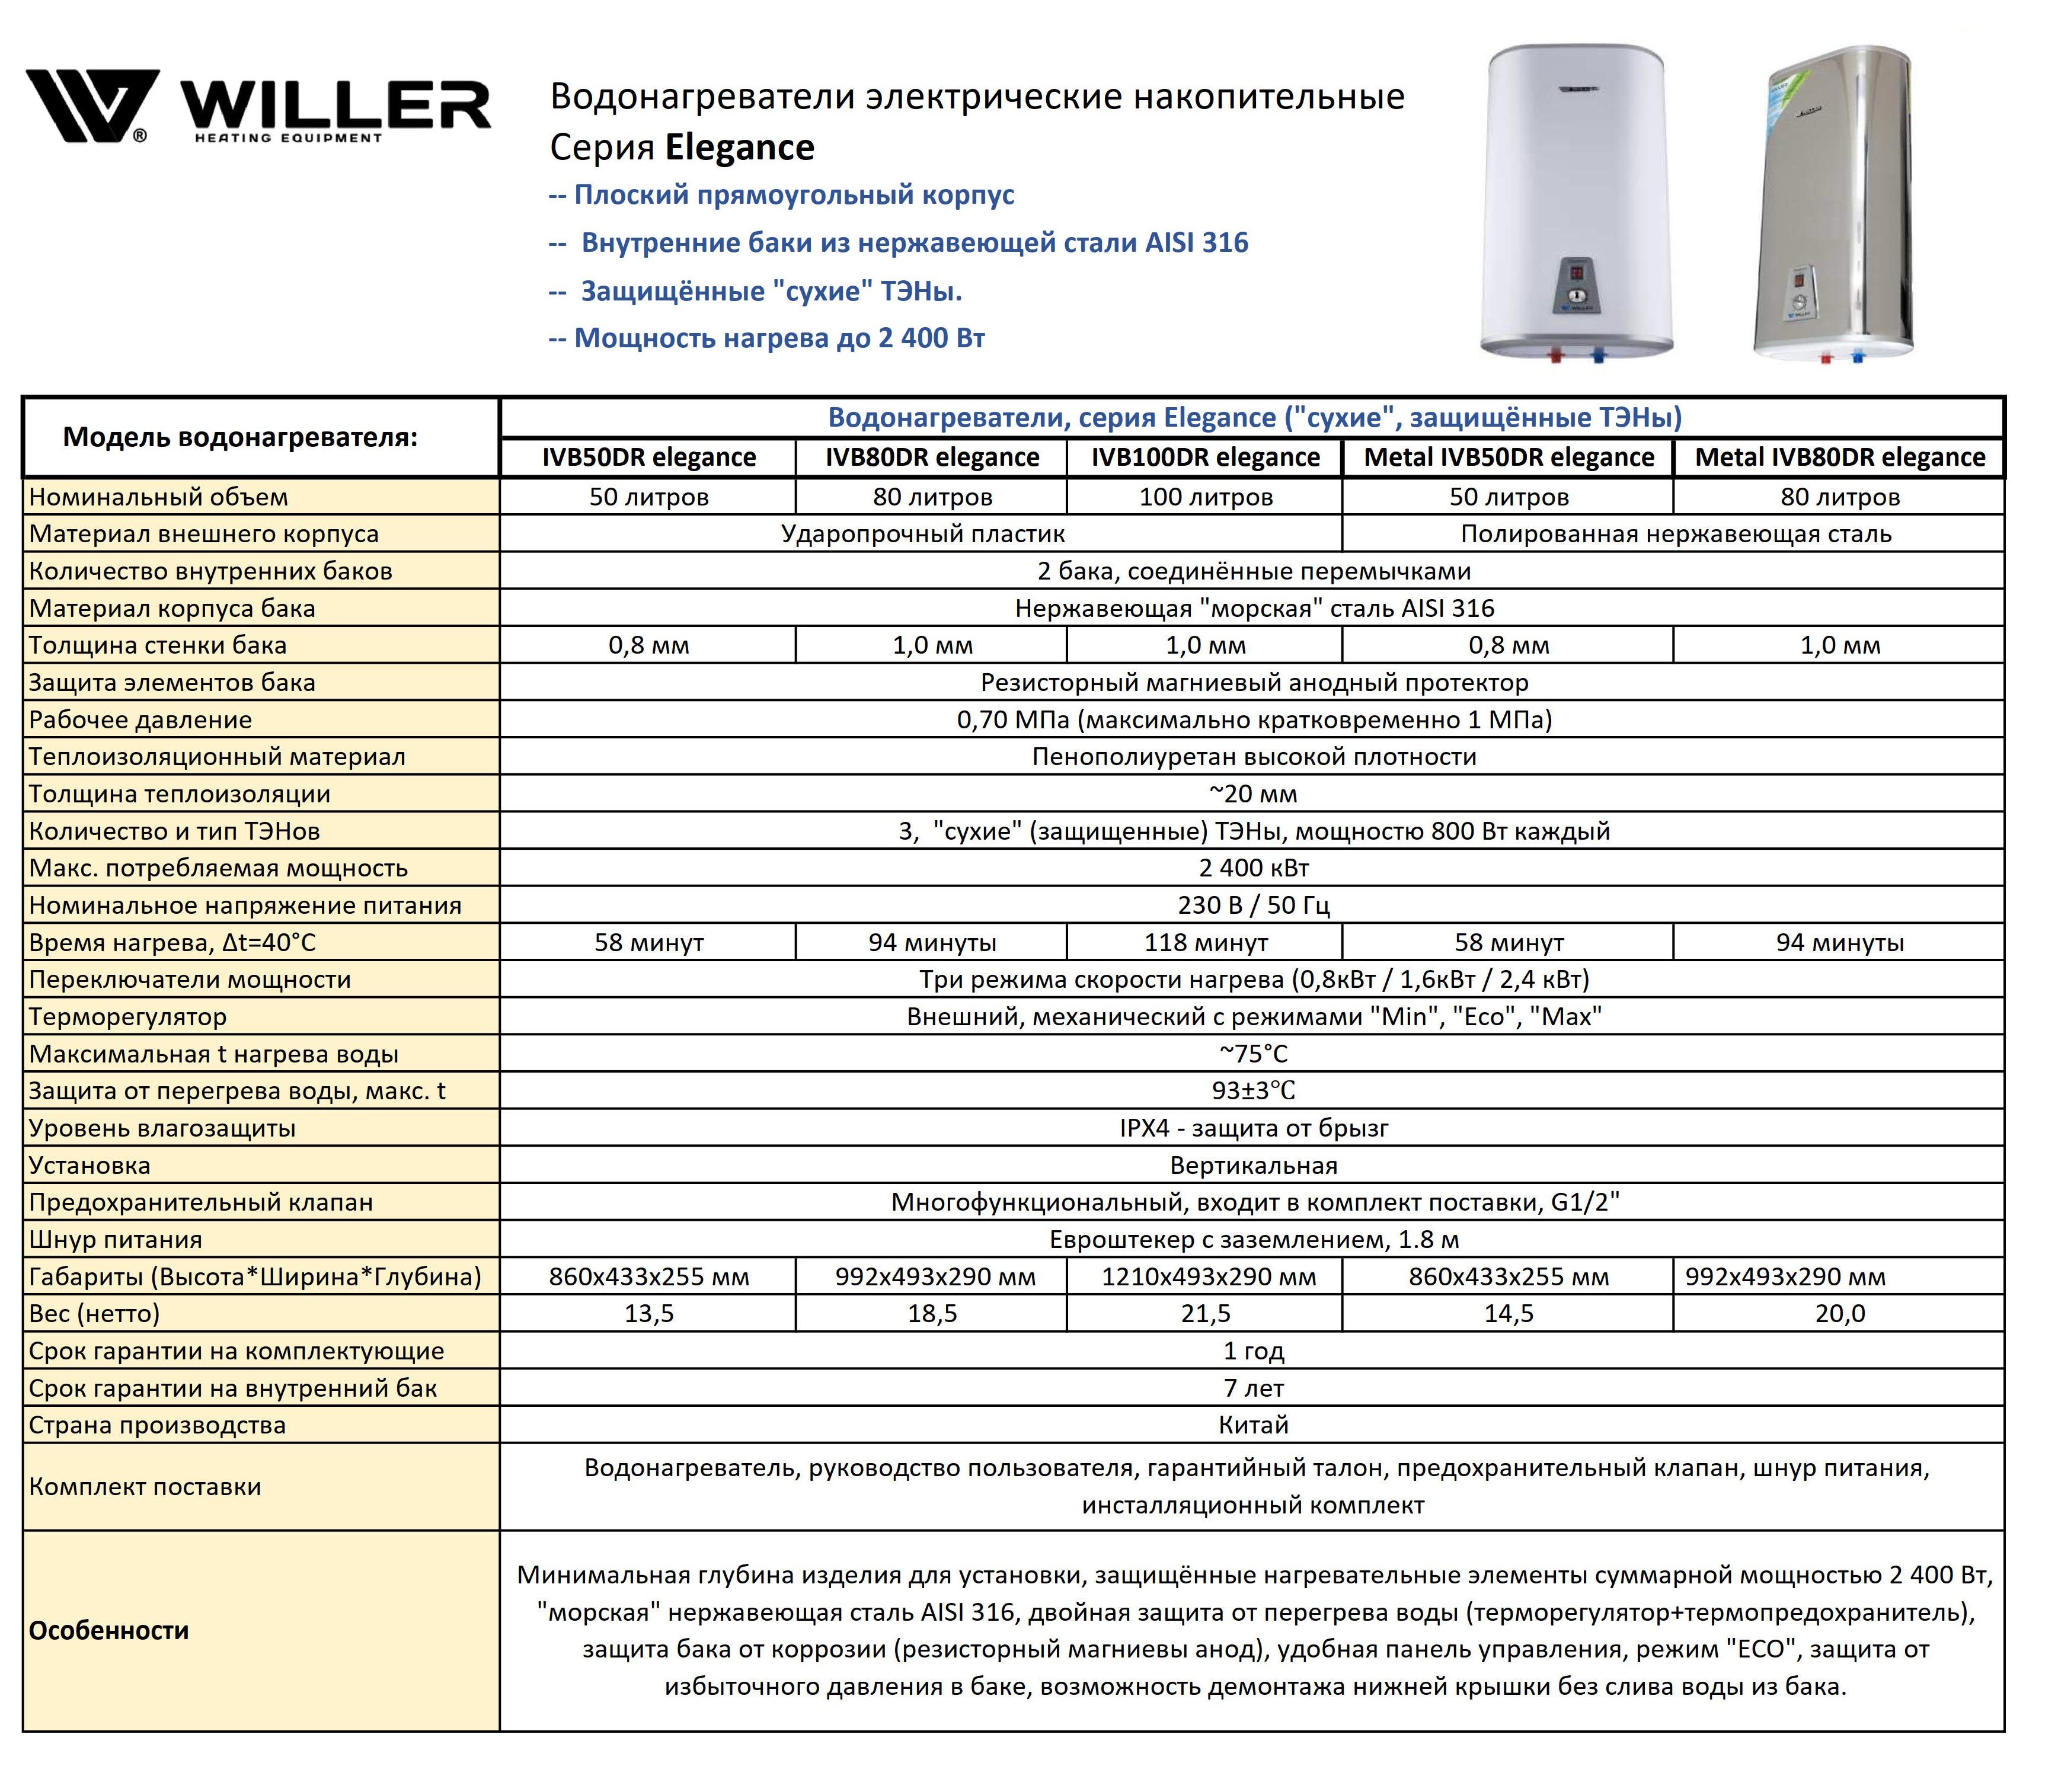 Основные характеристики водонагревателей